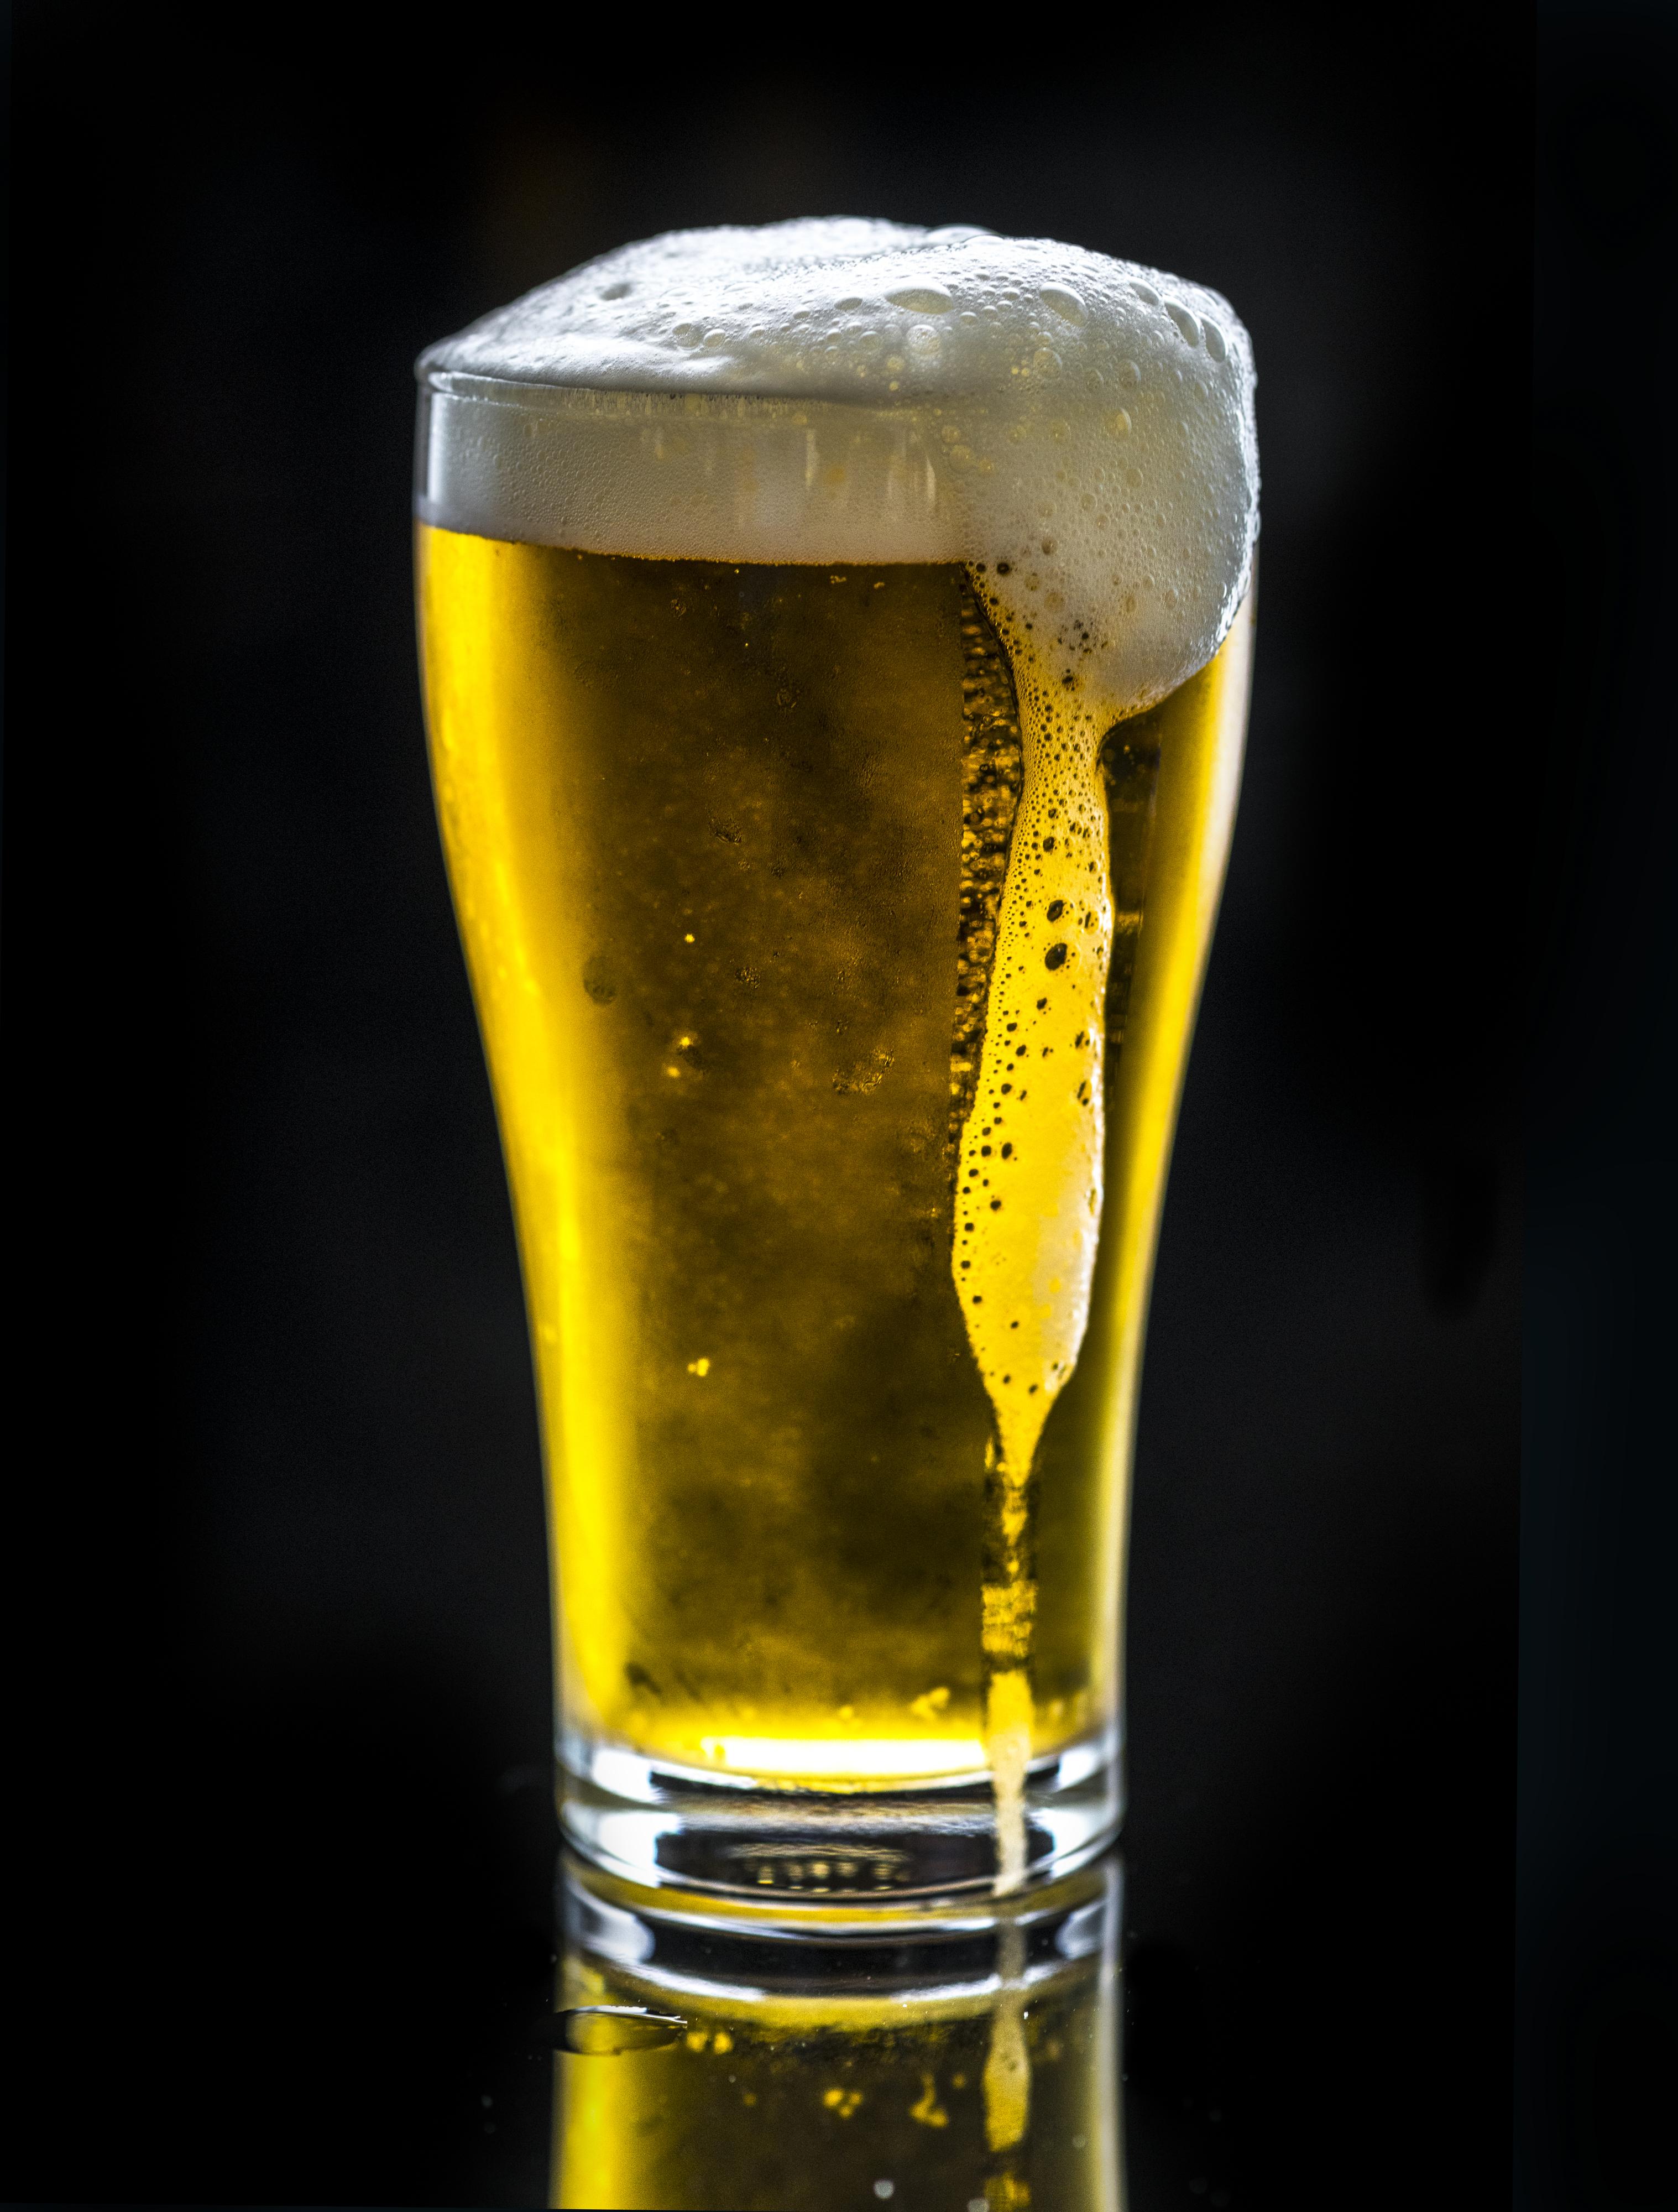 картинка холодное пиво в бокале своем